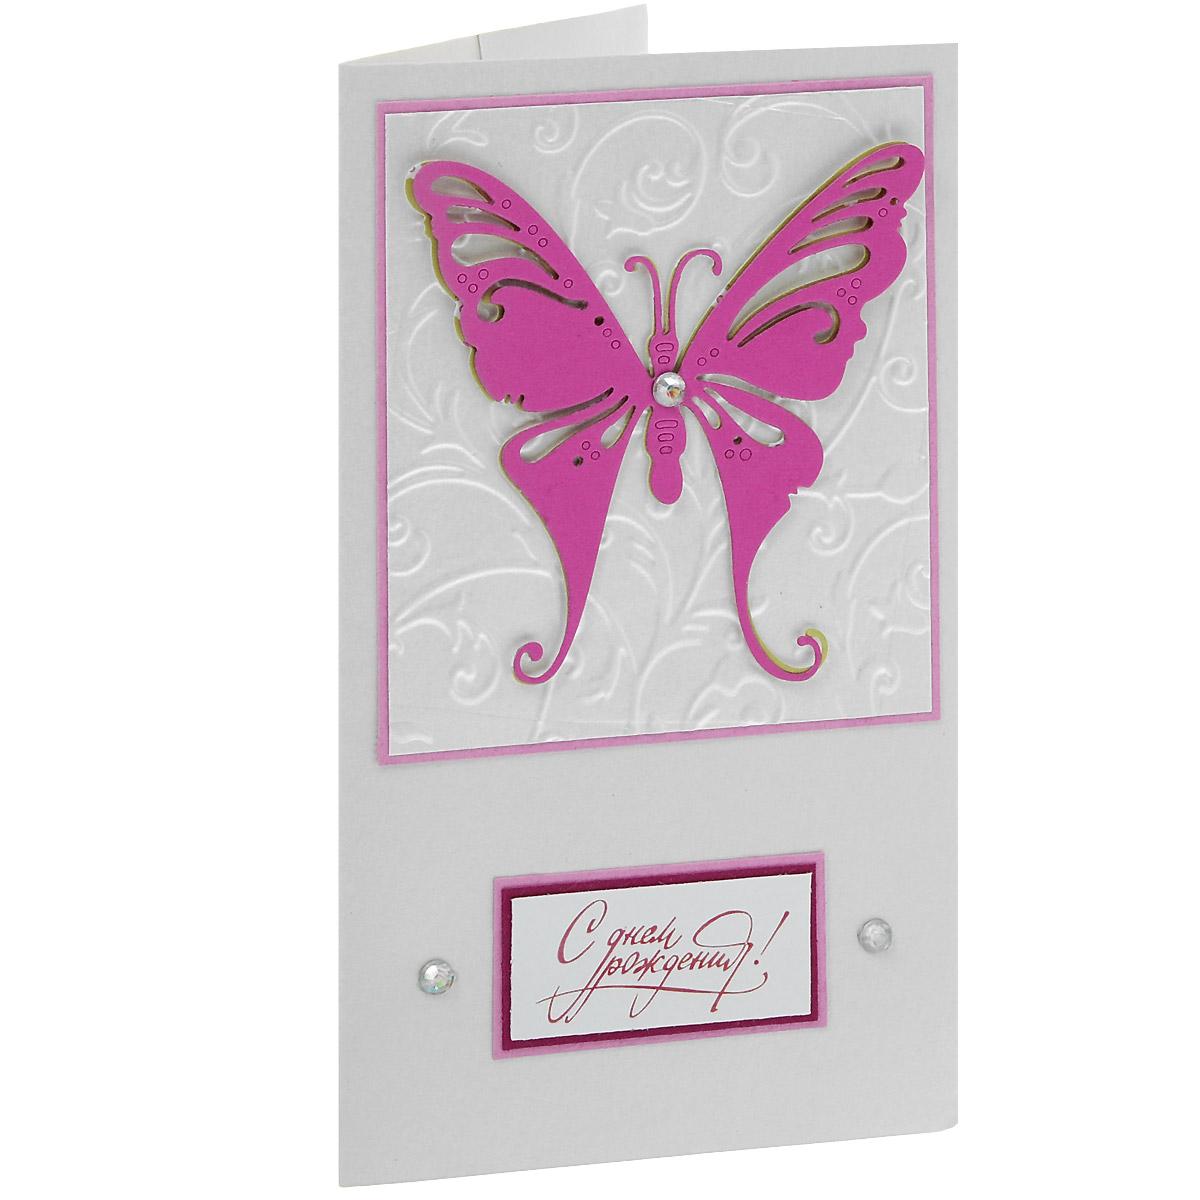 ОЖ-0026 Открытка-конверт «С Днём Рождения» (большая бабочка). Студия «Тётя Роза»514-968Характеристики: Размер 19 см x 11 см.Материал: Высоко-художественный картон, бумага, декор. Данная открытка может стать как прекрасным дополнением к вашему подарку, так и самостоятельным подарком. Так как открытка является и конвертом, в который вы можете вложить ваш денежный подарок или просто написать ваши пожелания на вкладыше. Яркая, двухслойная бабочка, раскинувшаяся своими гигантскими крыльями по всей поверхности открытки, задала этому поздравлению яркий и очень эффектный образ, невзирая на чисто-белый фон основного поля открытки. Надпись обрамлена сверкающими стразами, что придает дизайну еще больше выразительности. Также открытка упакована в пакетик для сохранности.Обращаем Ваше внимание на то, что открытка может незначительно отличаться от представленной на фото.Открытки ручной работы от студии Тётя Роза отличаются своим неповторимым и ярким стилем. Каждая уникальна и выполнена вручную мастерами студии. (Открытка для мужчин, открытка для женщины, открытка на день рождения, открытка с днем свадьбы, открытка винтаж, открытка с юбилеем, открытка на все случаи, скрапбукинг)